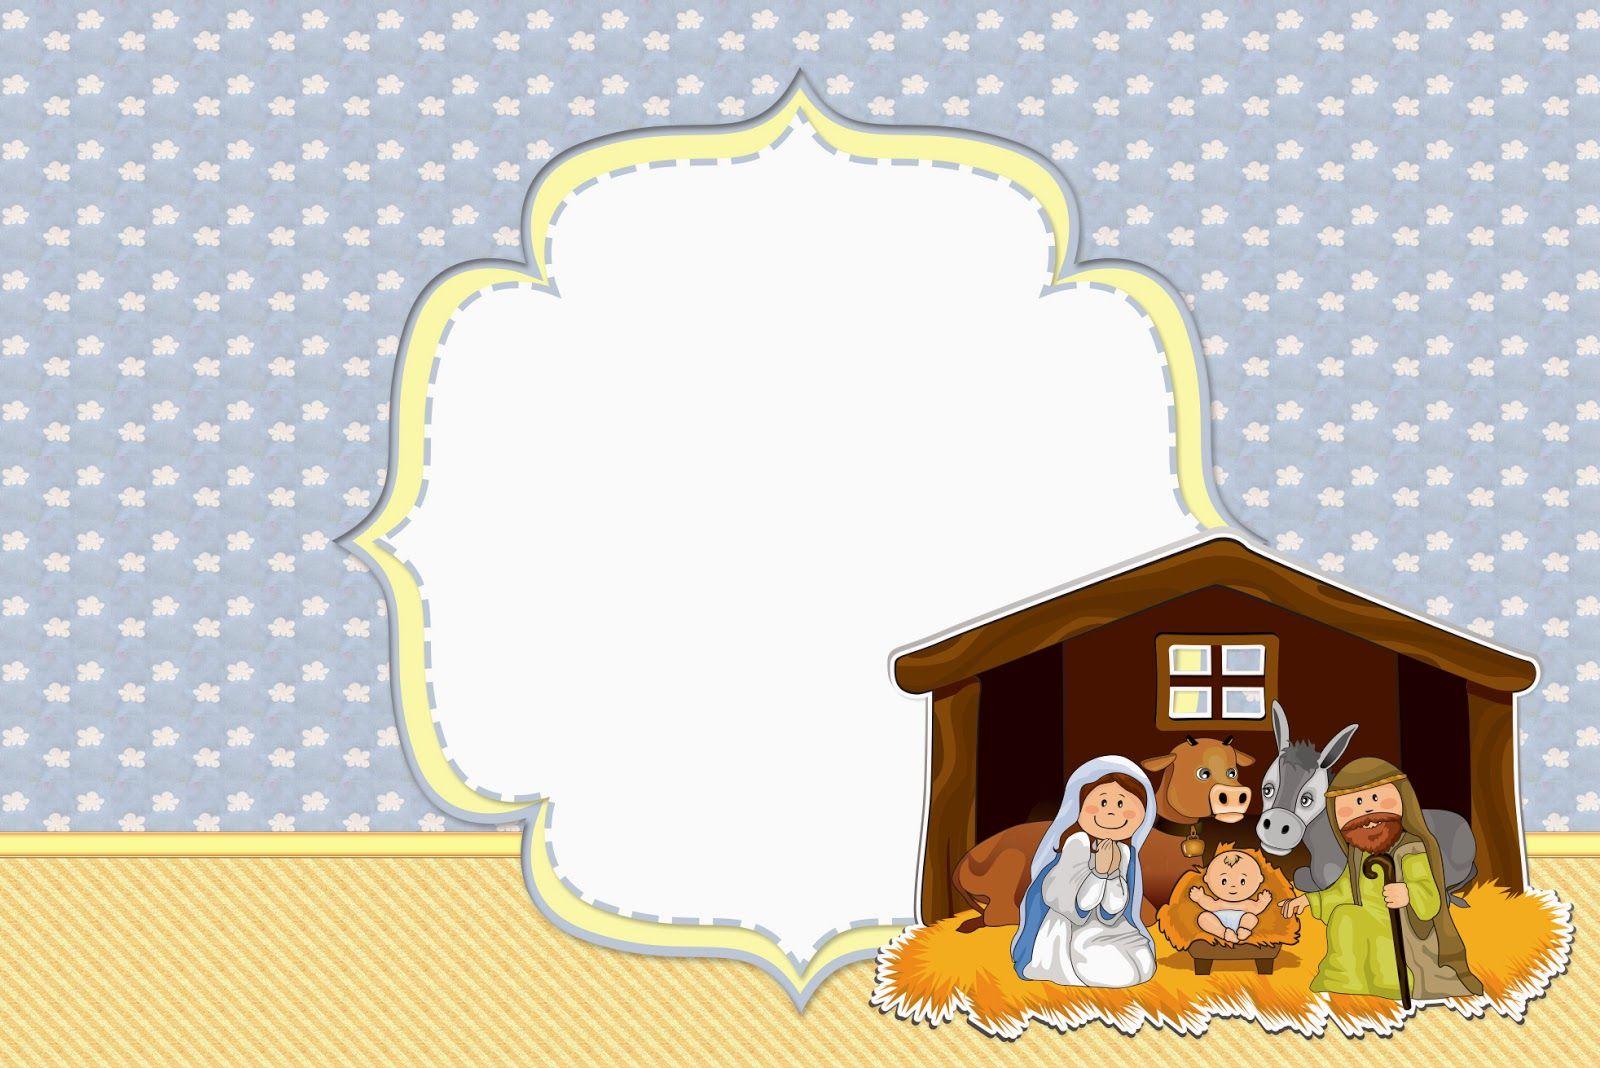 Sweet Nativity Scene Free Party Printables. Enfeites de